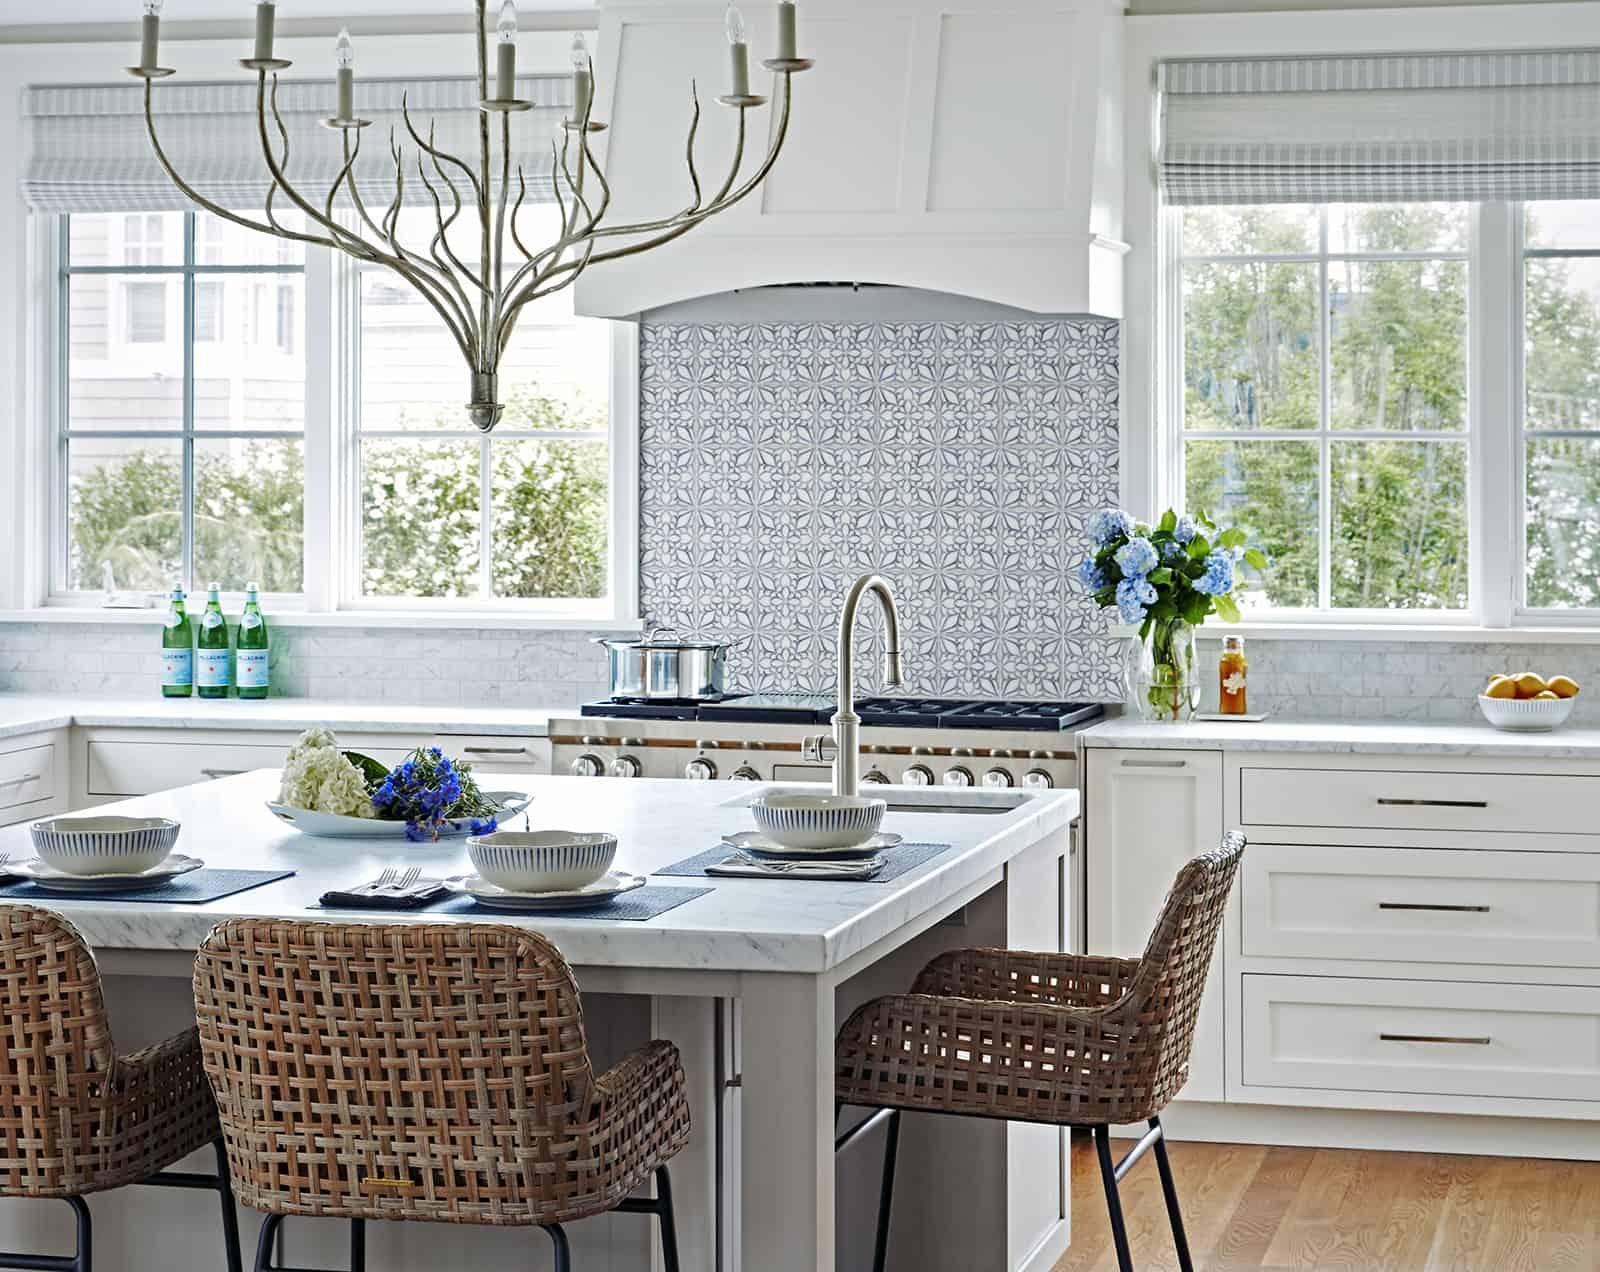 Petals - HR - Blue - Carrara - Karen Berkemeyer Kitchen Backsplash Installation